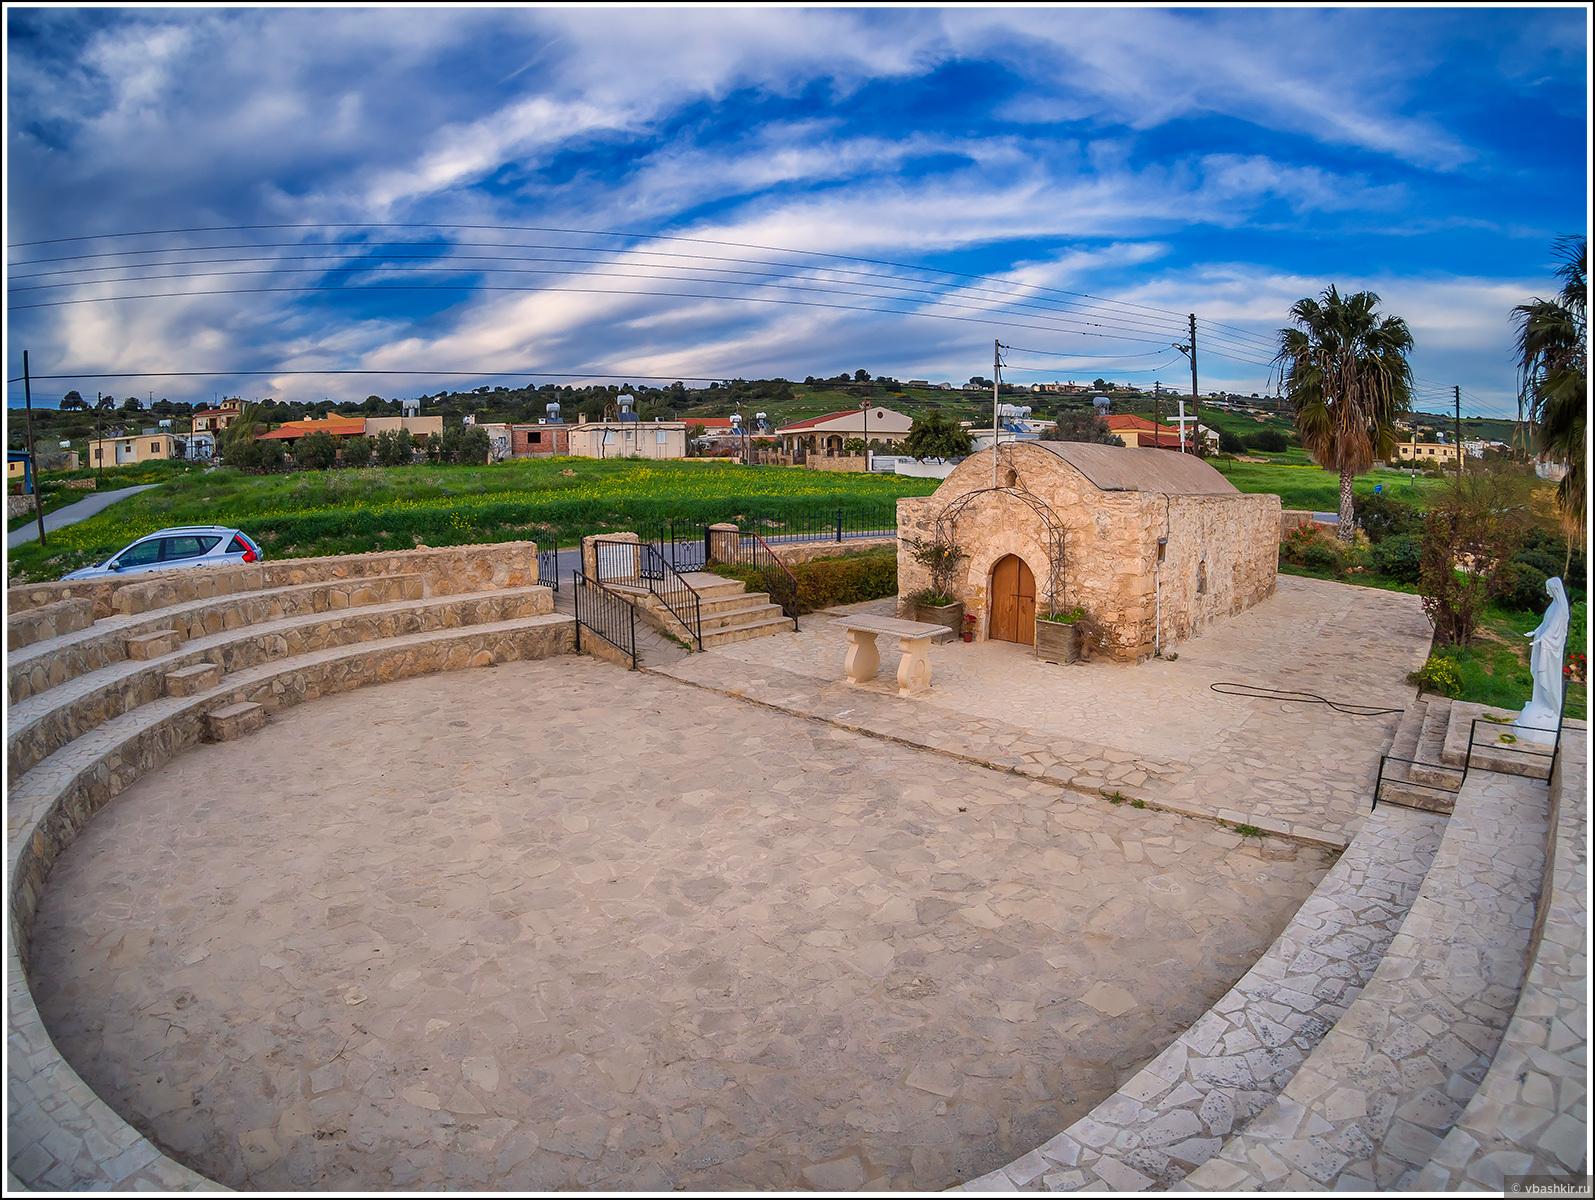 Церковь Панагиас 15-ого века в Кормакитисе (Коручам). Первый раз встретили такой амфитеатр перед церковью!, Весенний Кипр